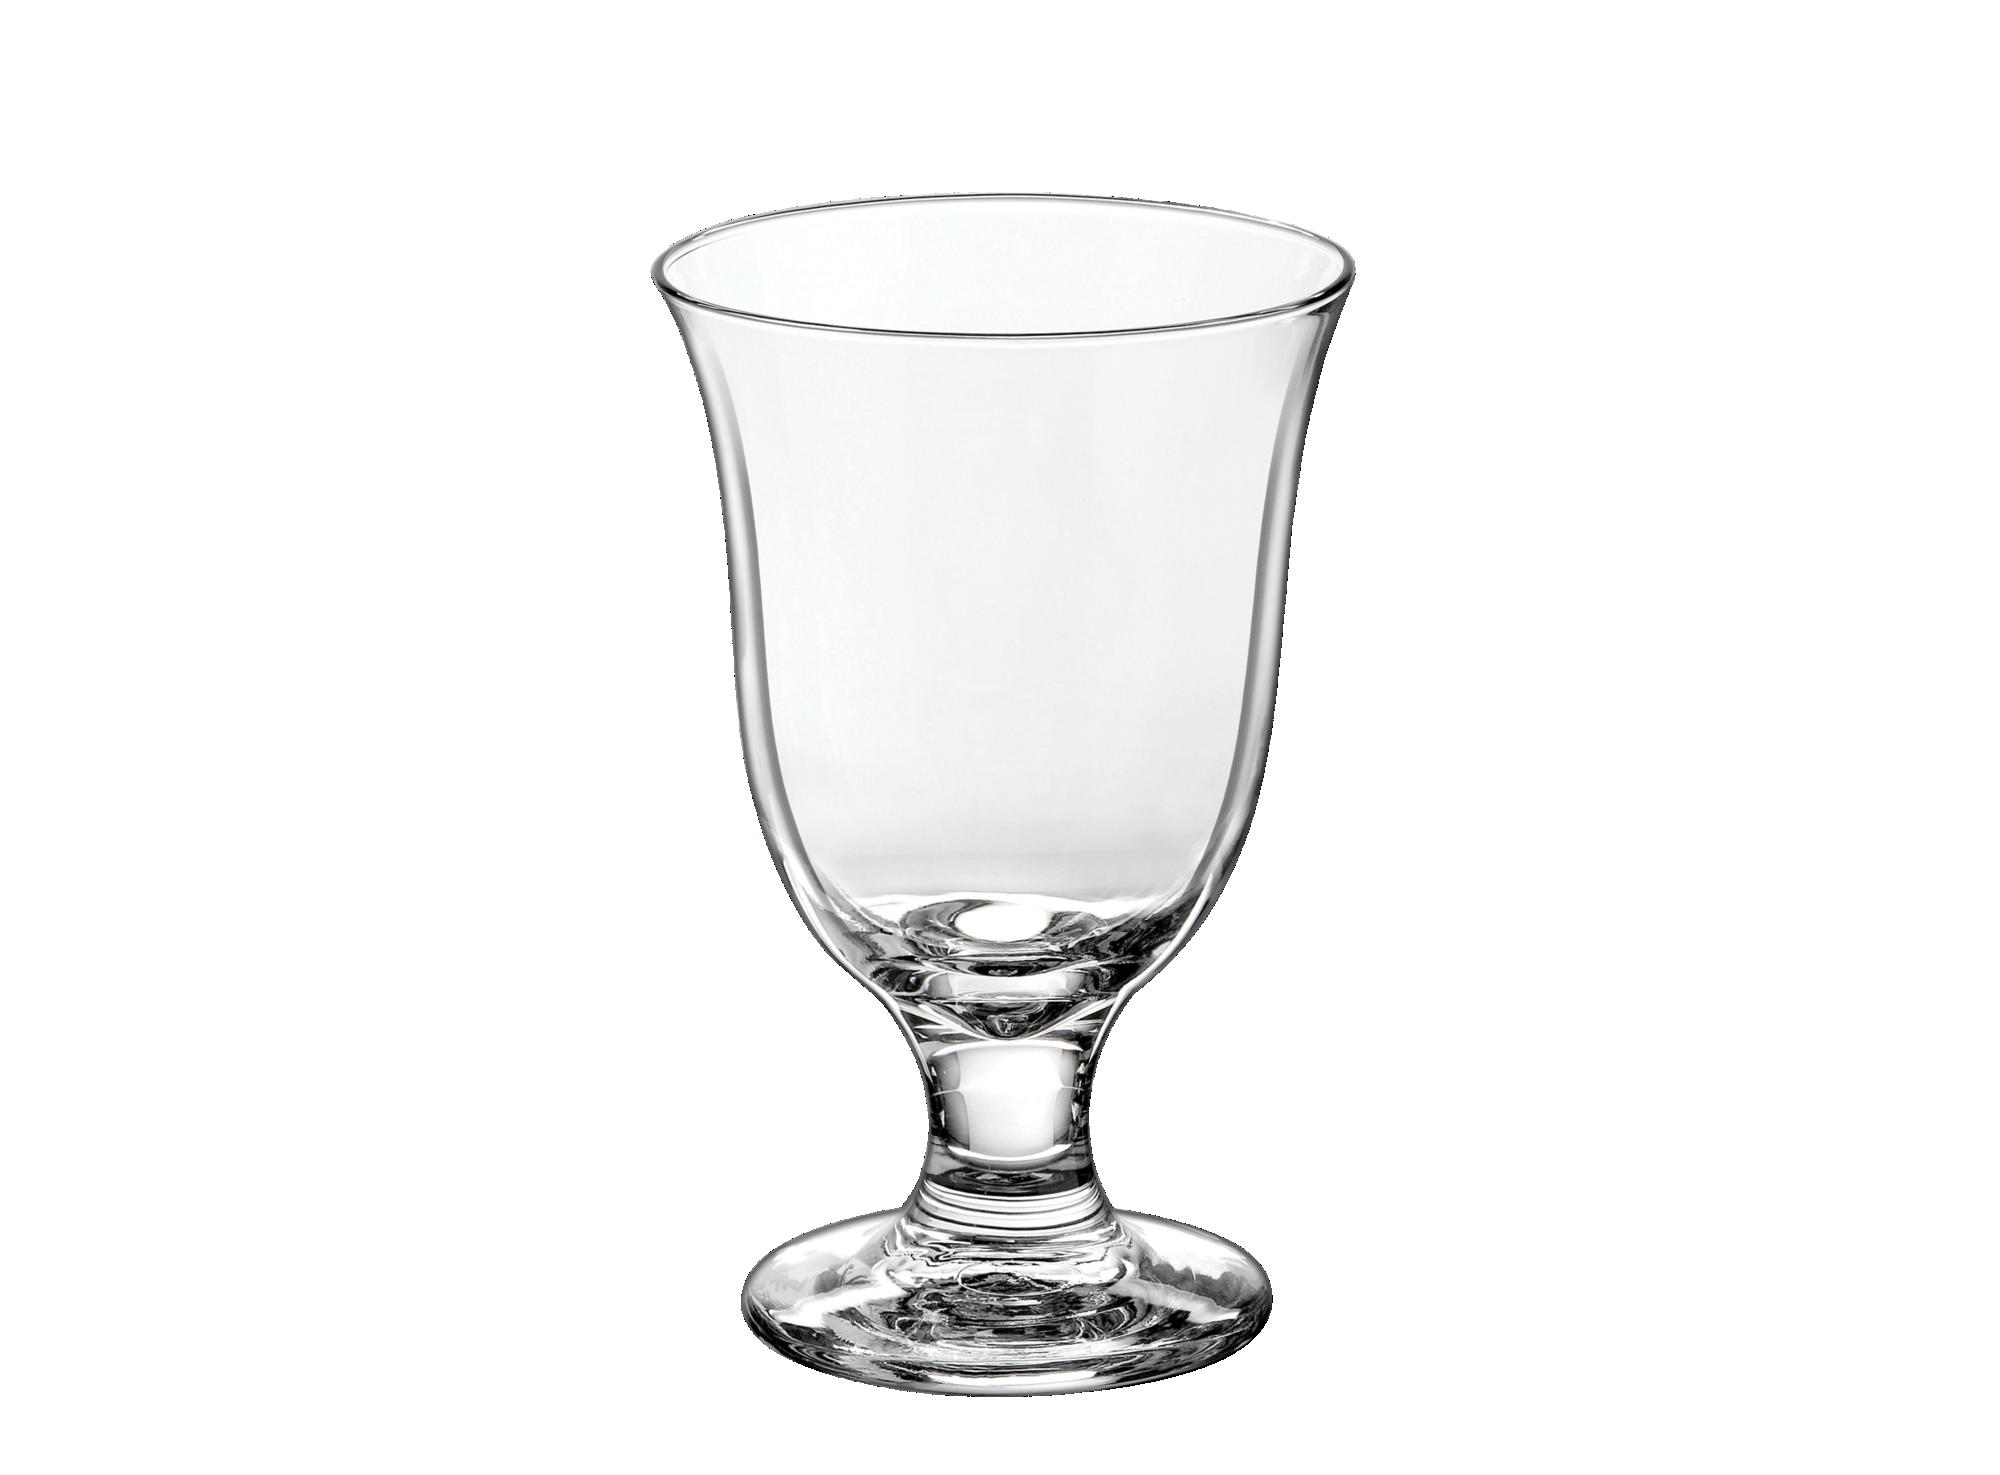 Verre a eau a pied carafe en verre mecanique - contenance 27cl - resi ...